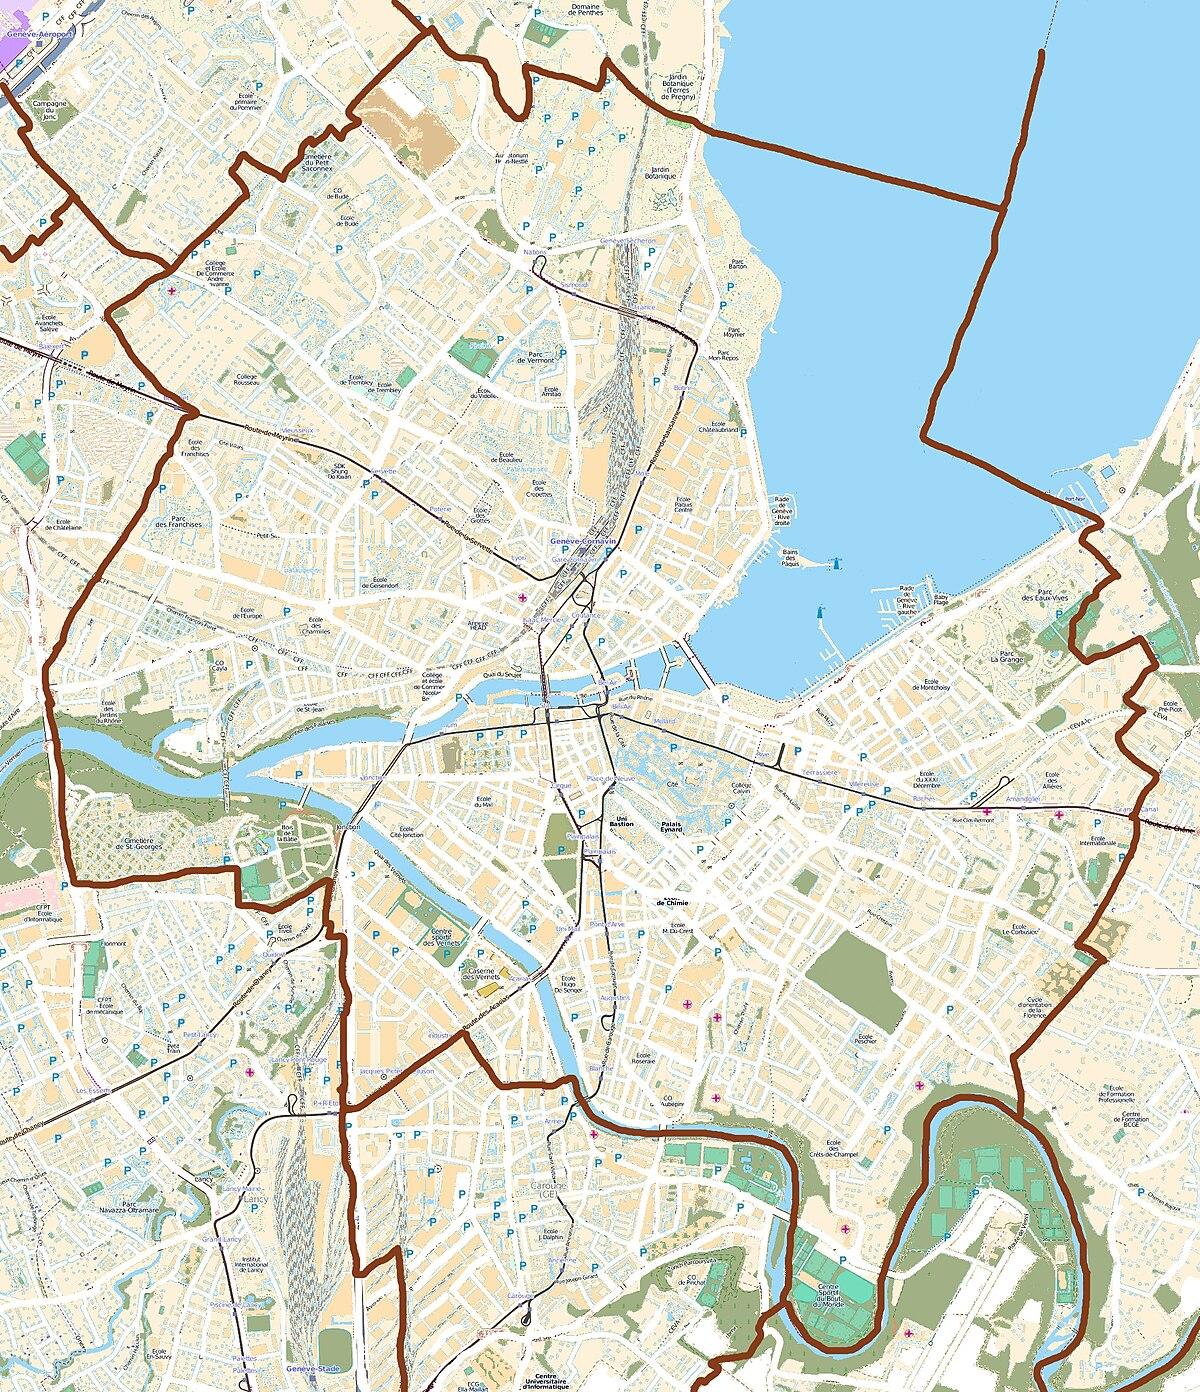 Plaine de plainpalais wikip dia - Office cantonal de la navigation geneve ...